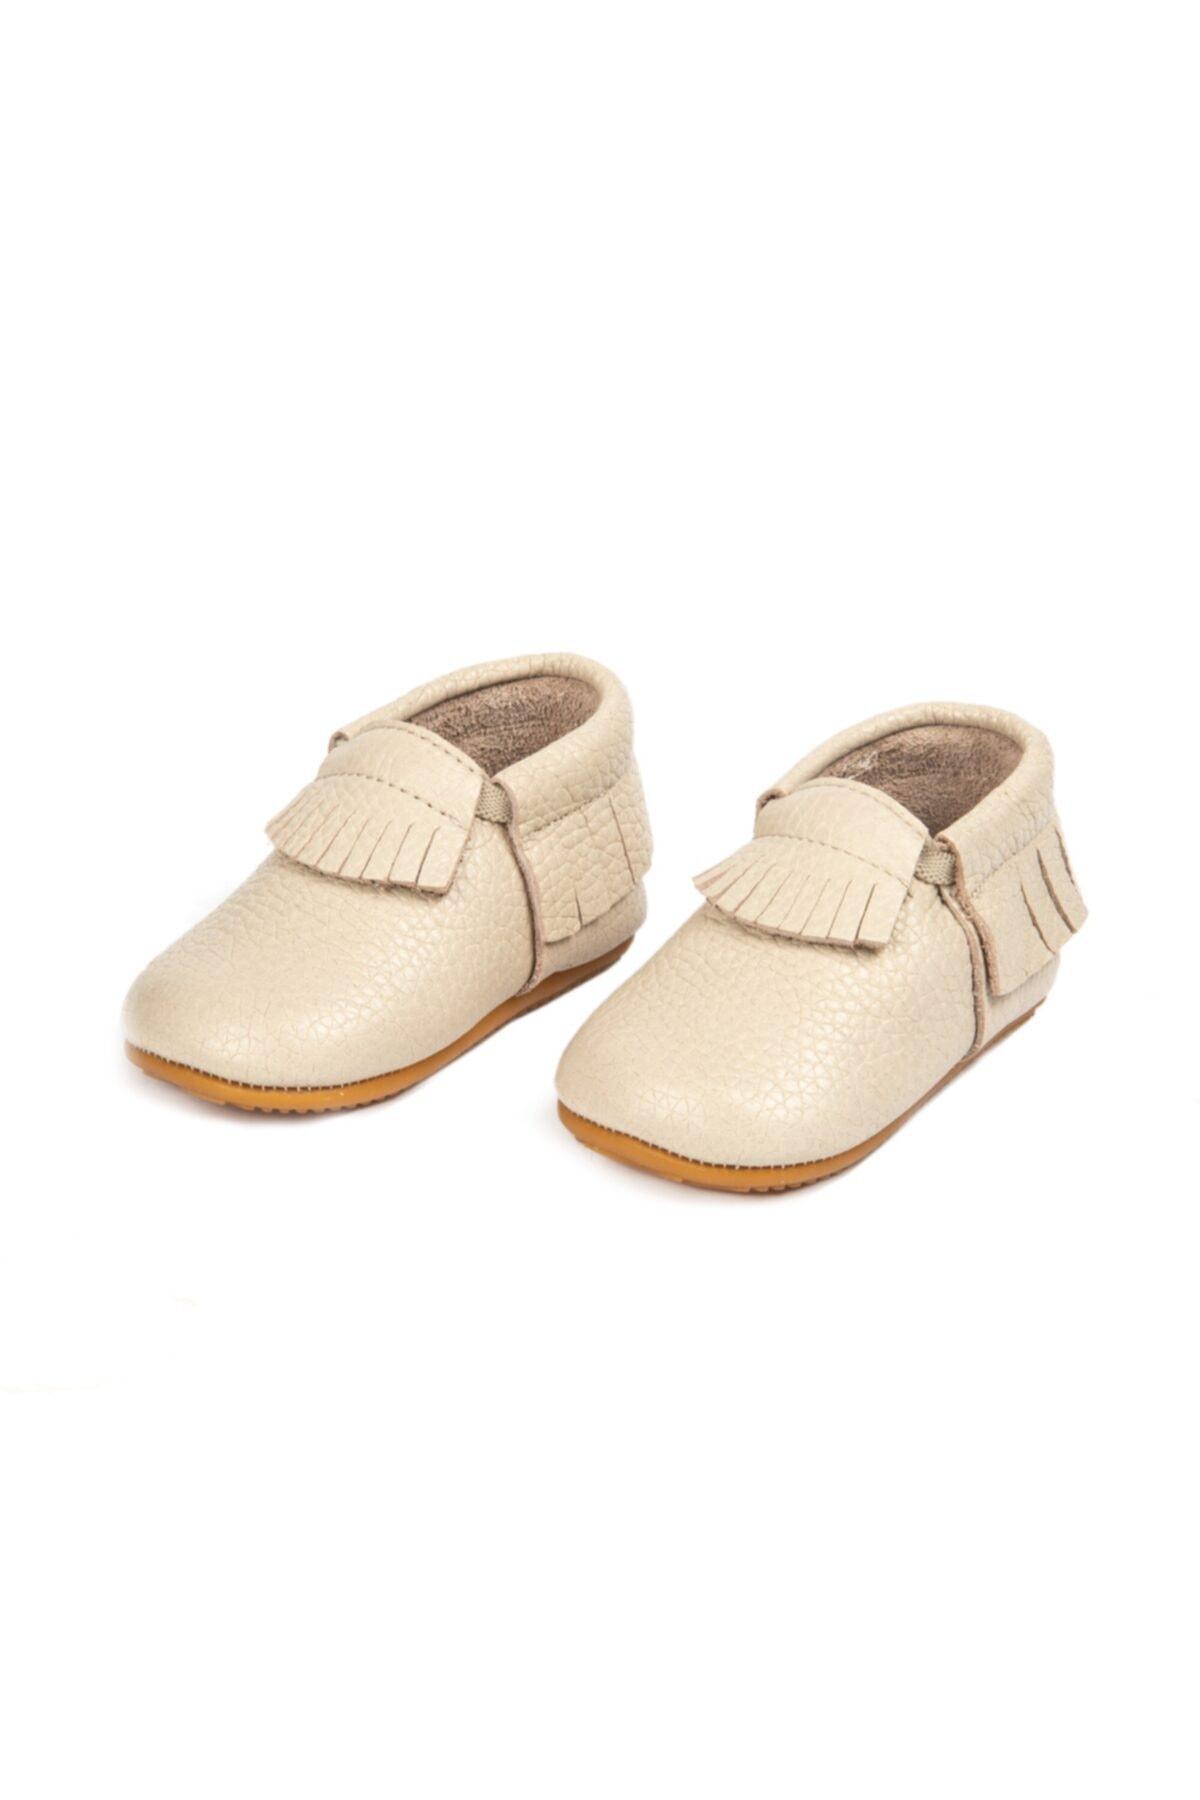 Erkek Bej Bebek Makosen  Ilk Adım Ayakkabısı Hakiki Deri Anatomik Kauçuk Taban   19